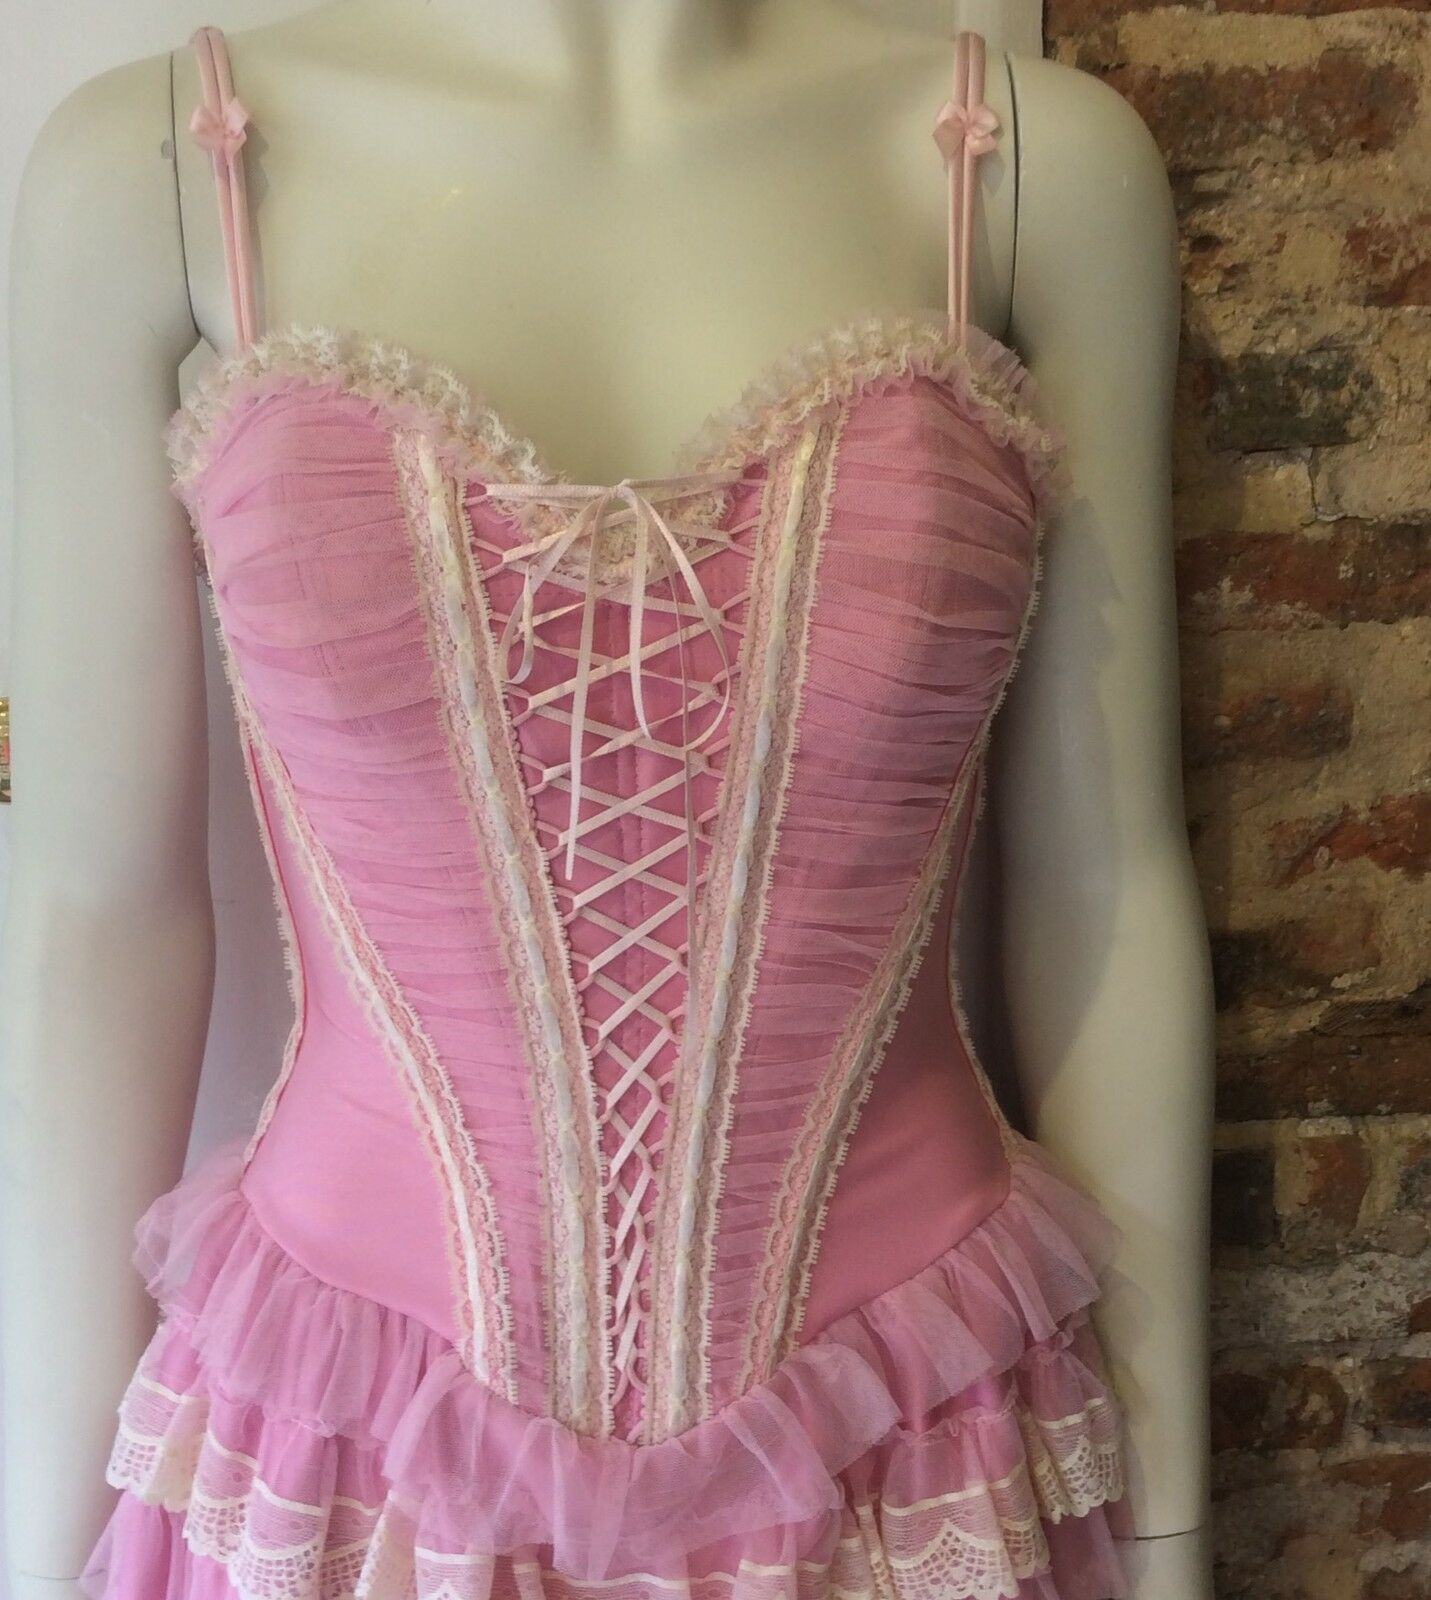 Catwalk Collection Vestito con Corsetto Corsetto Corsetto rosa BNWT 28c13a